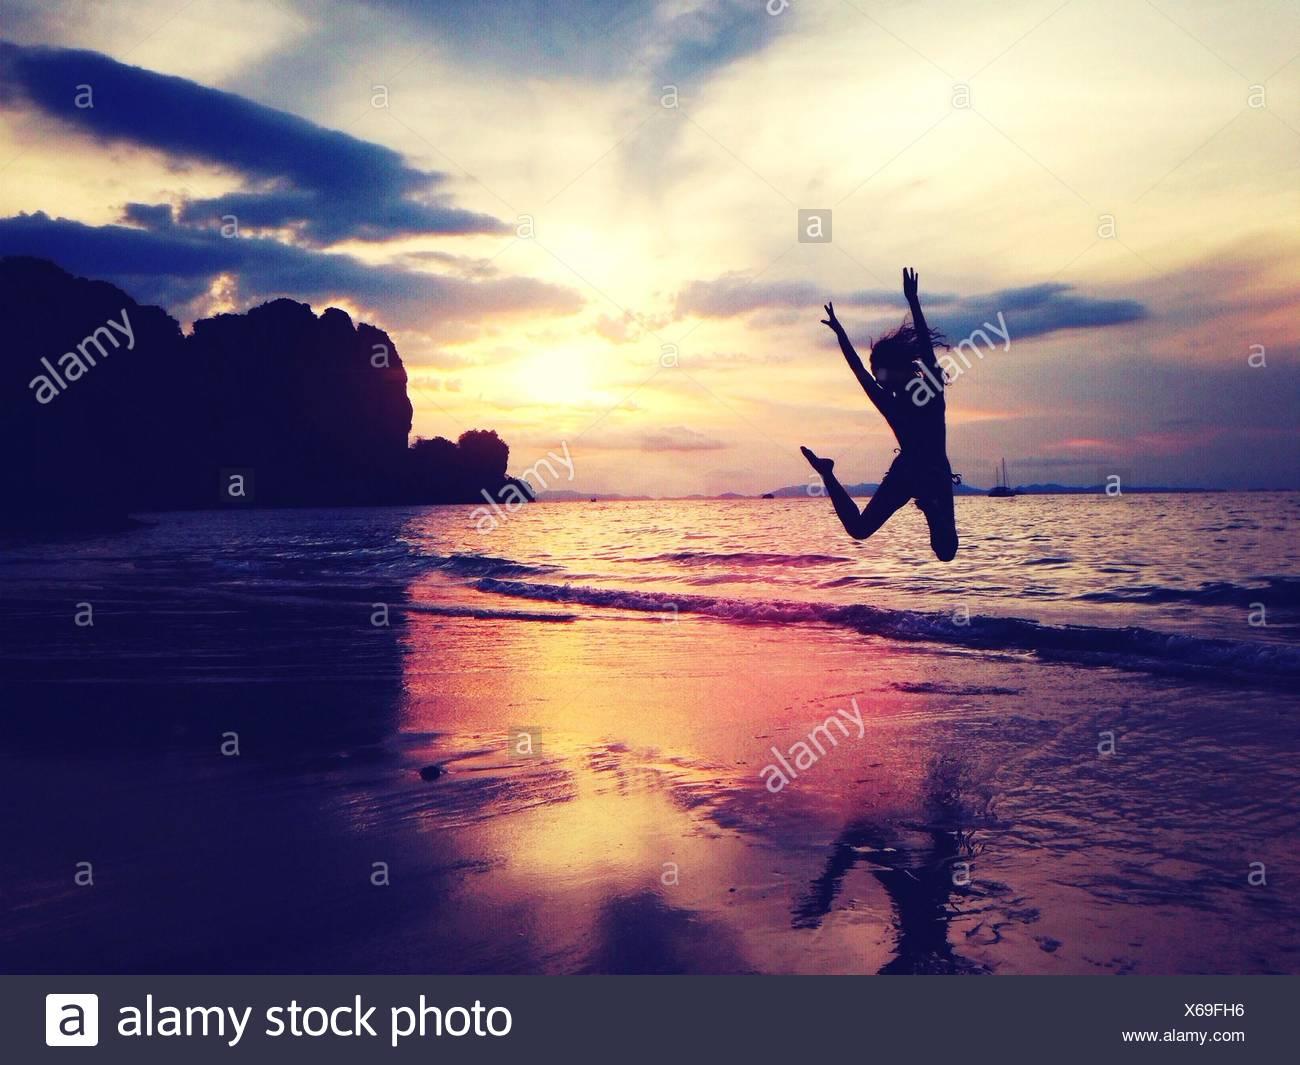 Silueta Mujer disfrutando en la playa contra el cielo al atardecer Imagen De Stock